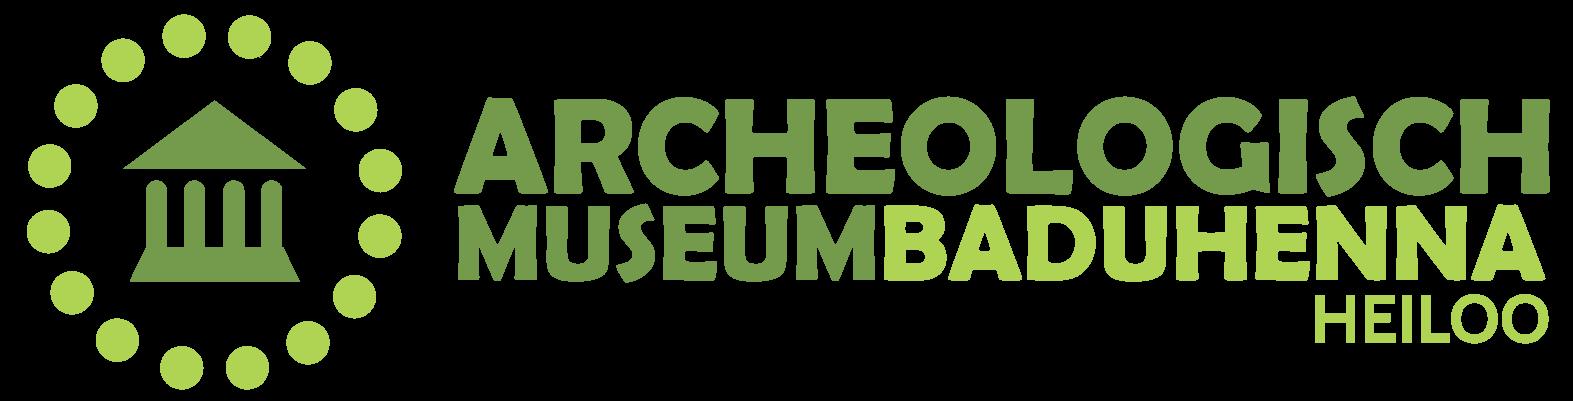 Archeologisch museum gerund door vrijwilligers